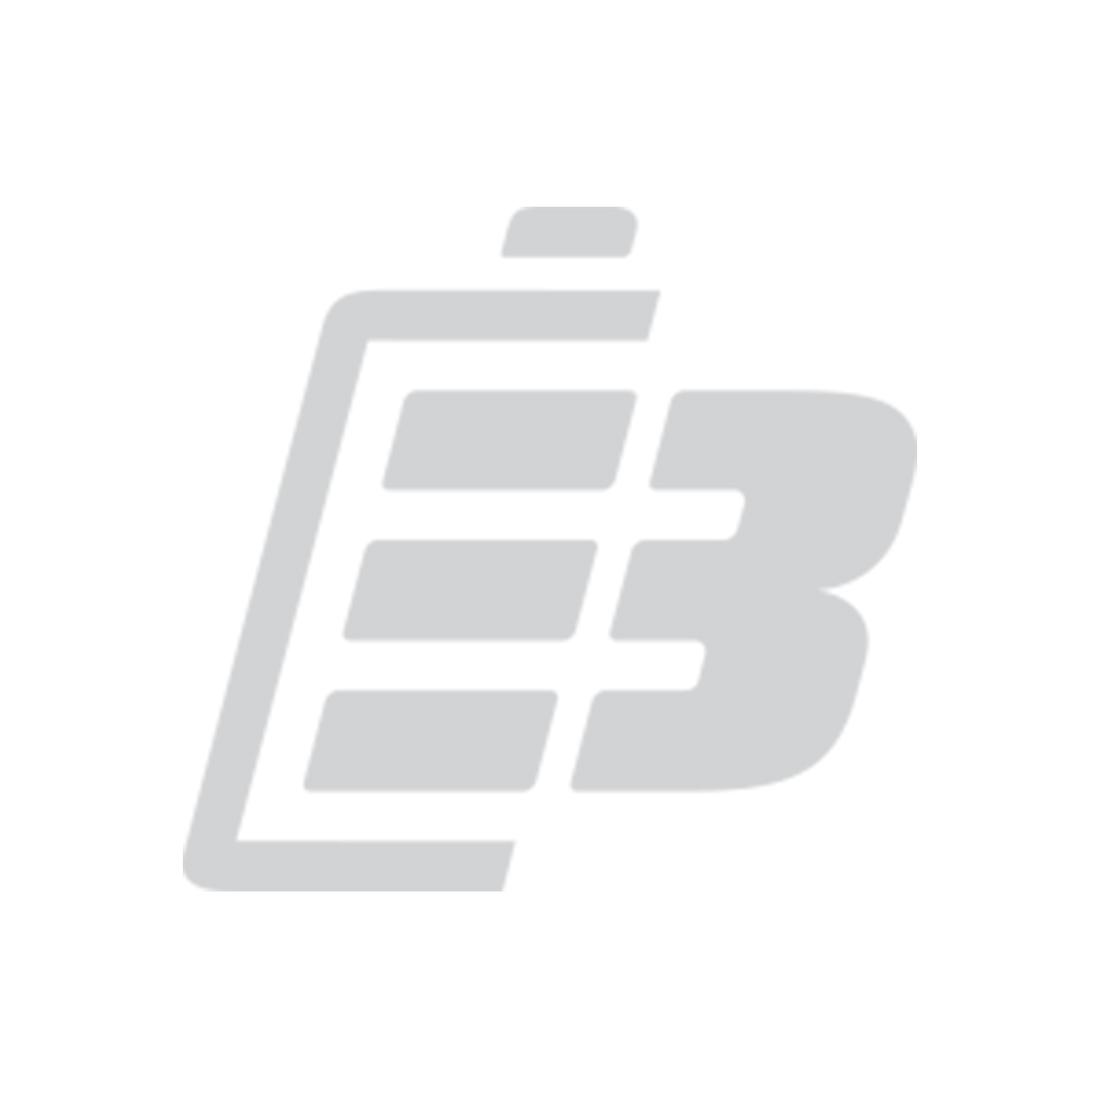 Μπαταρια Fenix ARB-L16-700 16340 700mAh 1